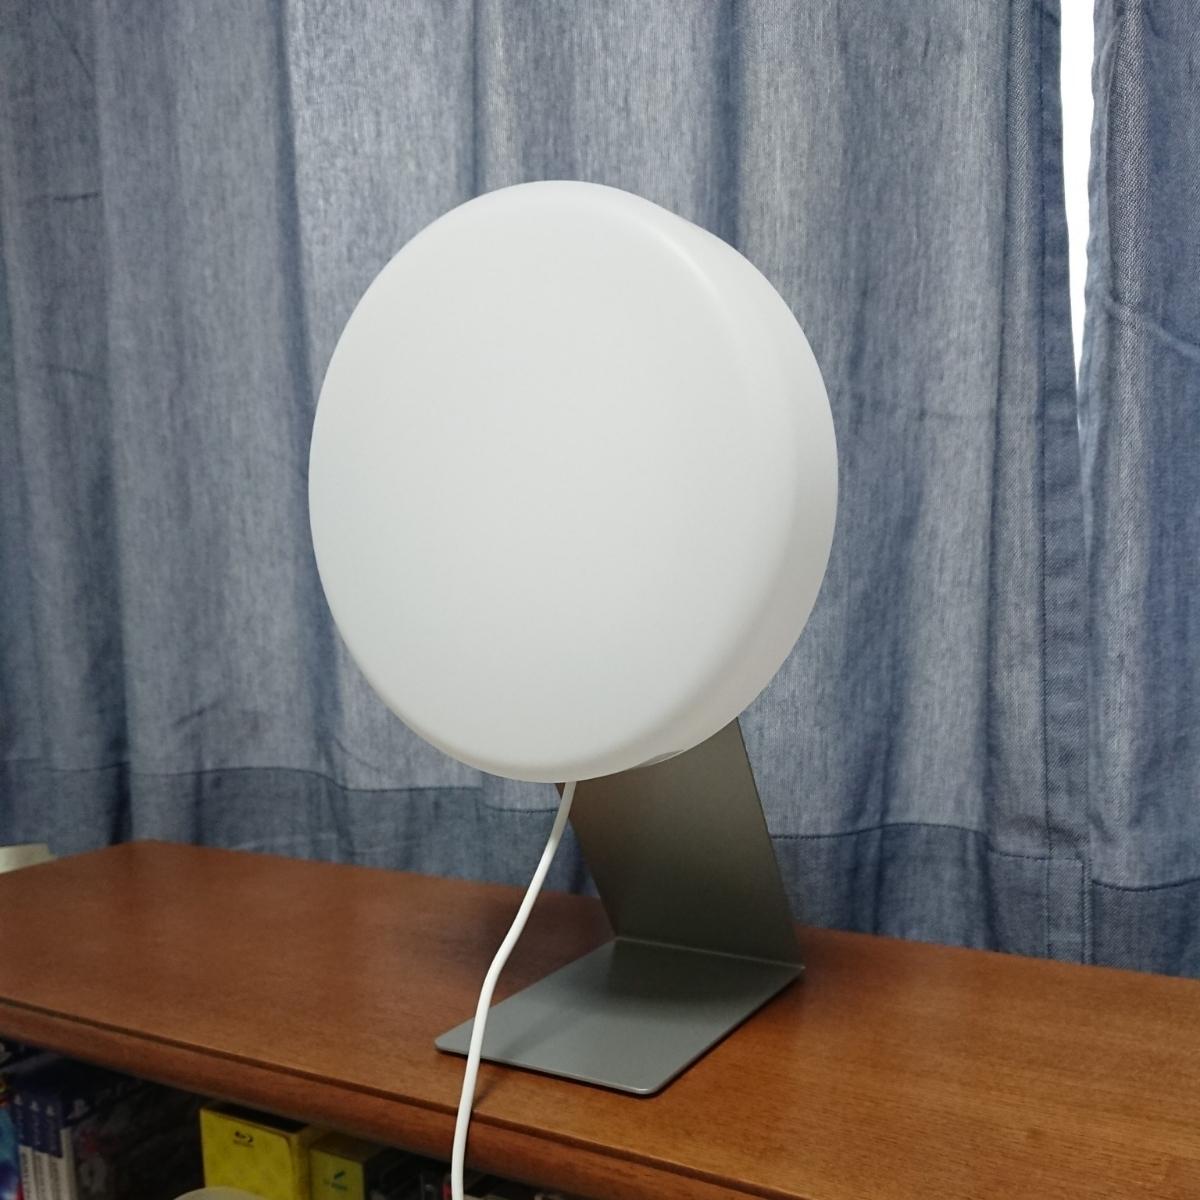 無印良品 壁掛式LED照明 壁掛時計・壁掛式CDプレイヤー用スタンド セット 美品 動作問題